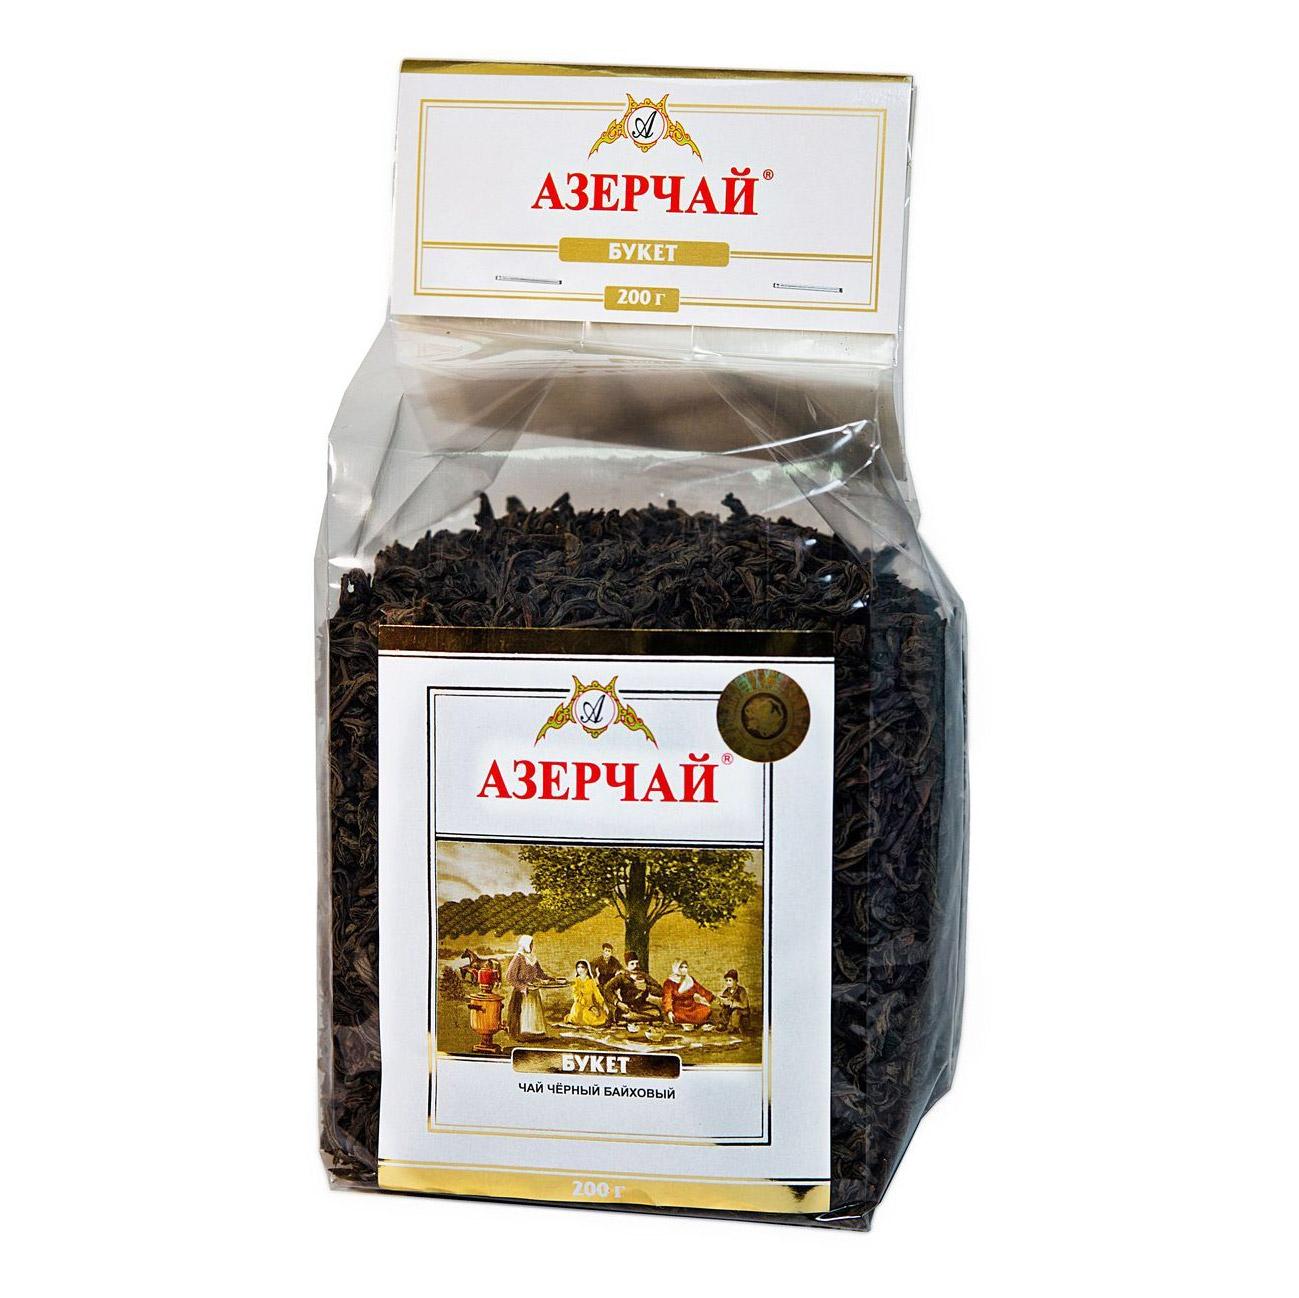 Фото - Чай Азерчай Букет черный листовой 200 г чай черный азерчай специальный с белым узором 200 г